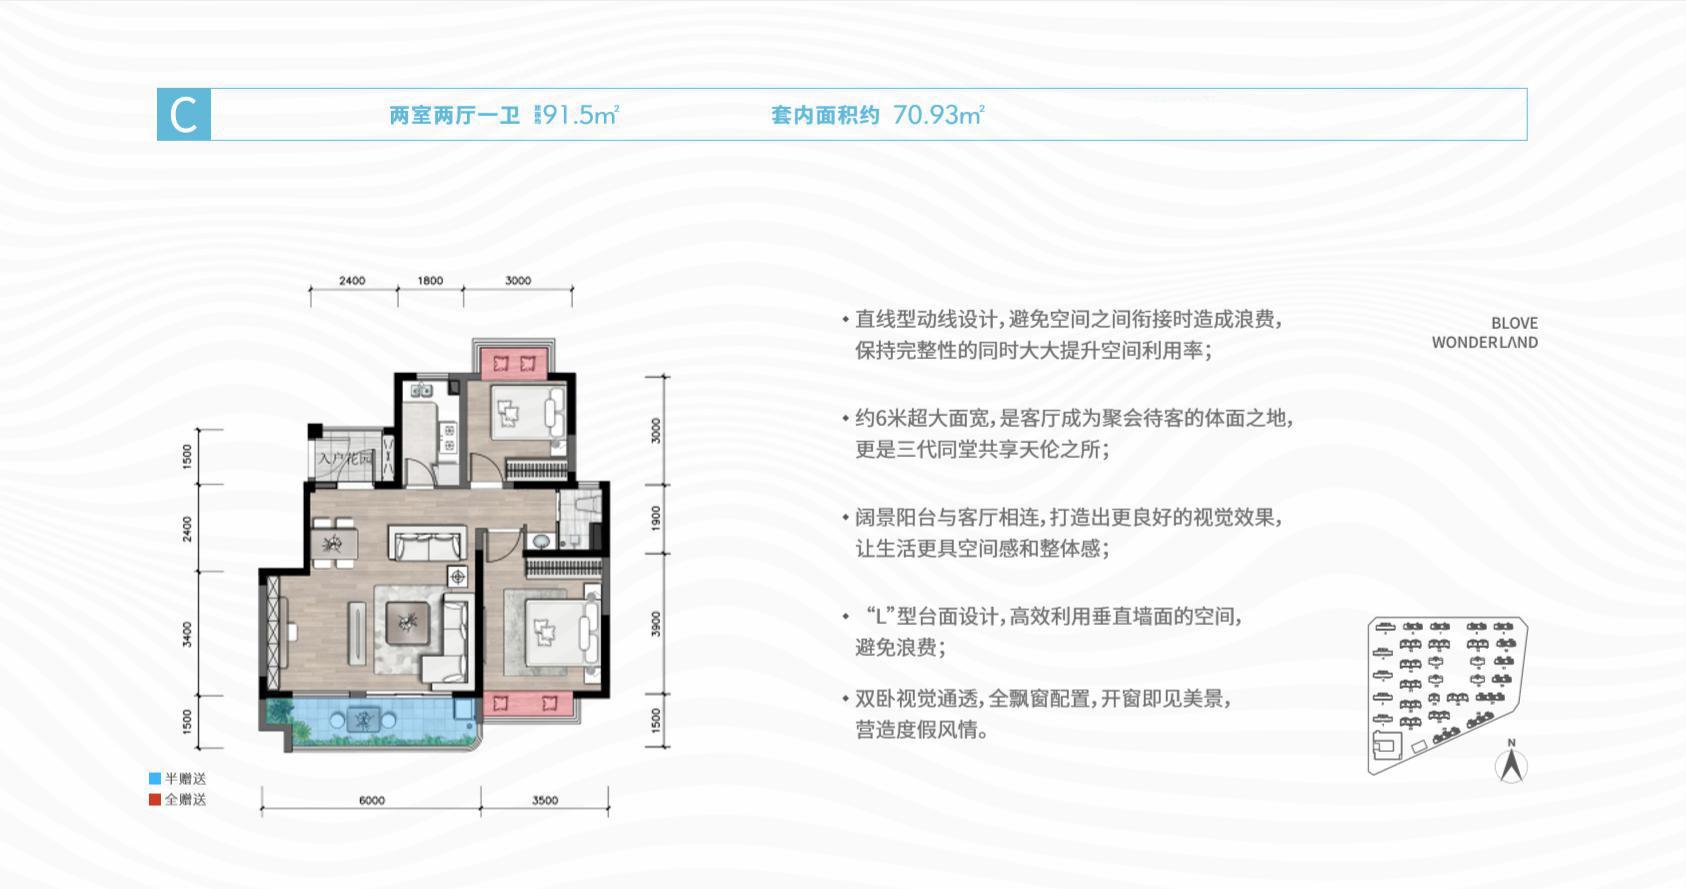 梦云南蔚蓝山海户型图:建筑面积91㎡两房